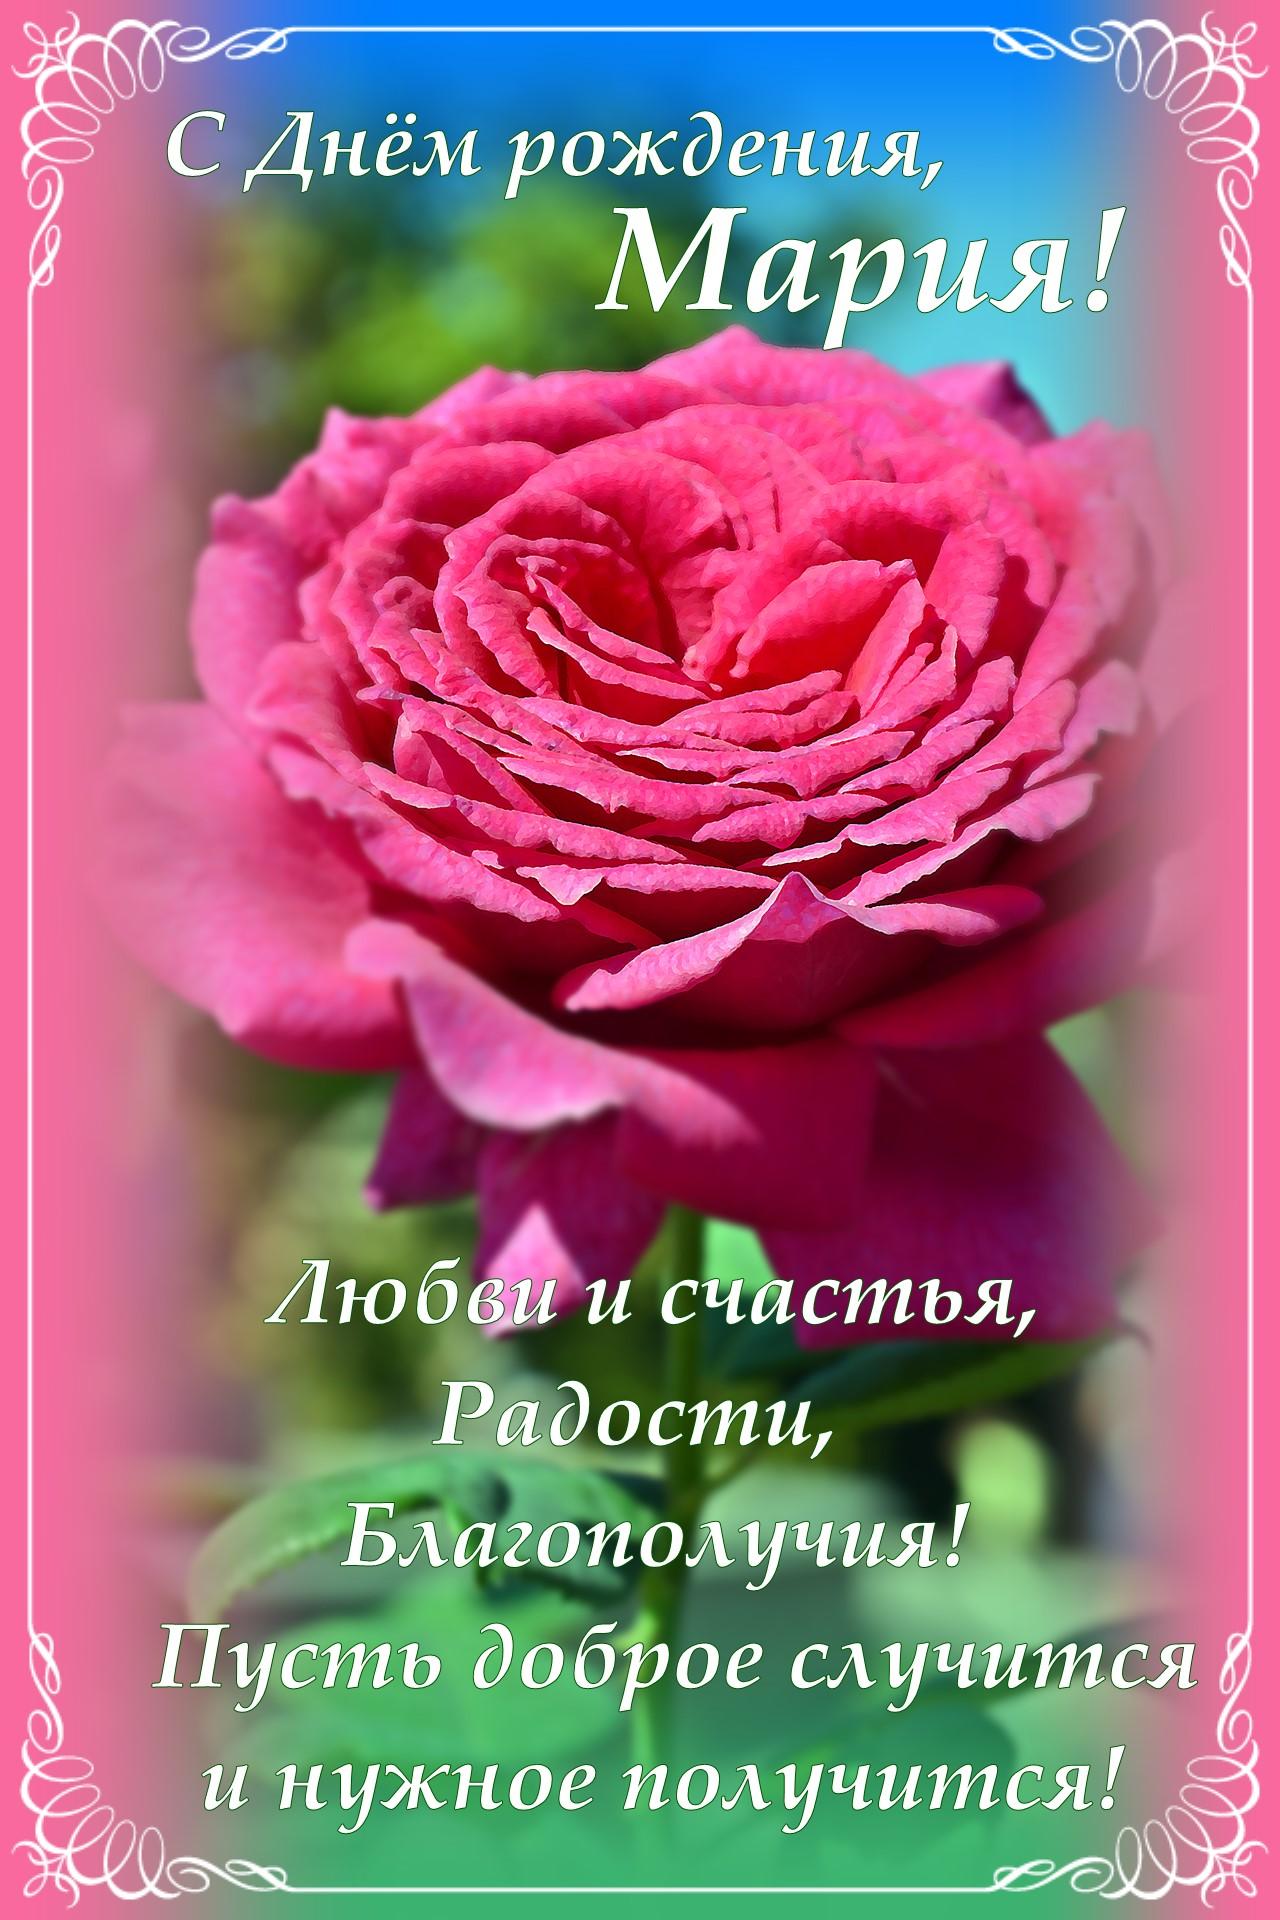 Надписью люблю, поздравительная открытка для марии